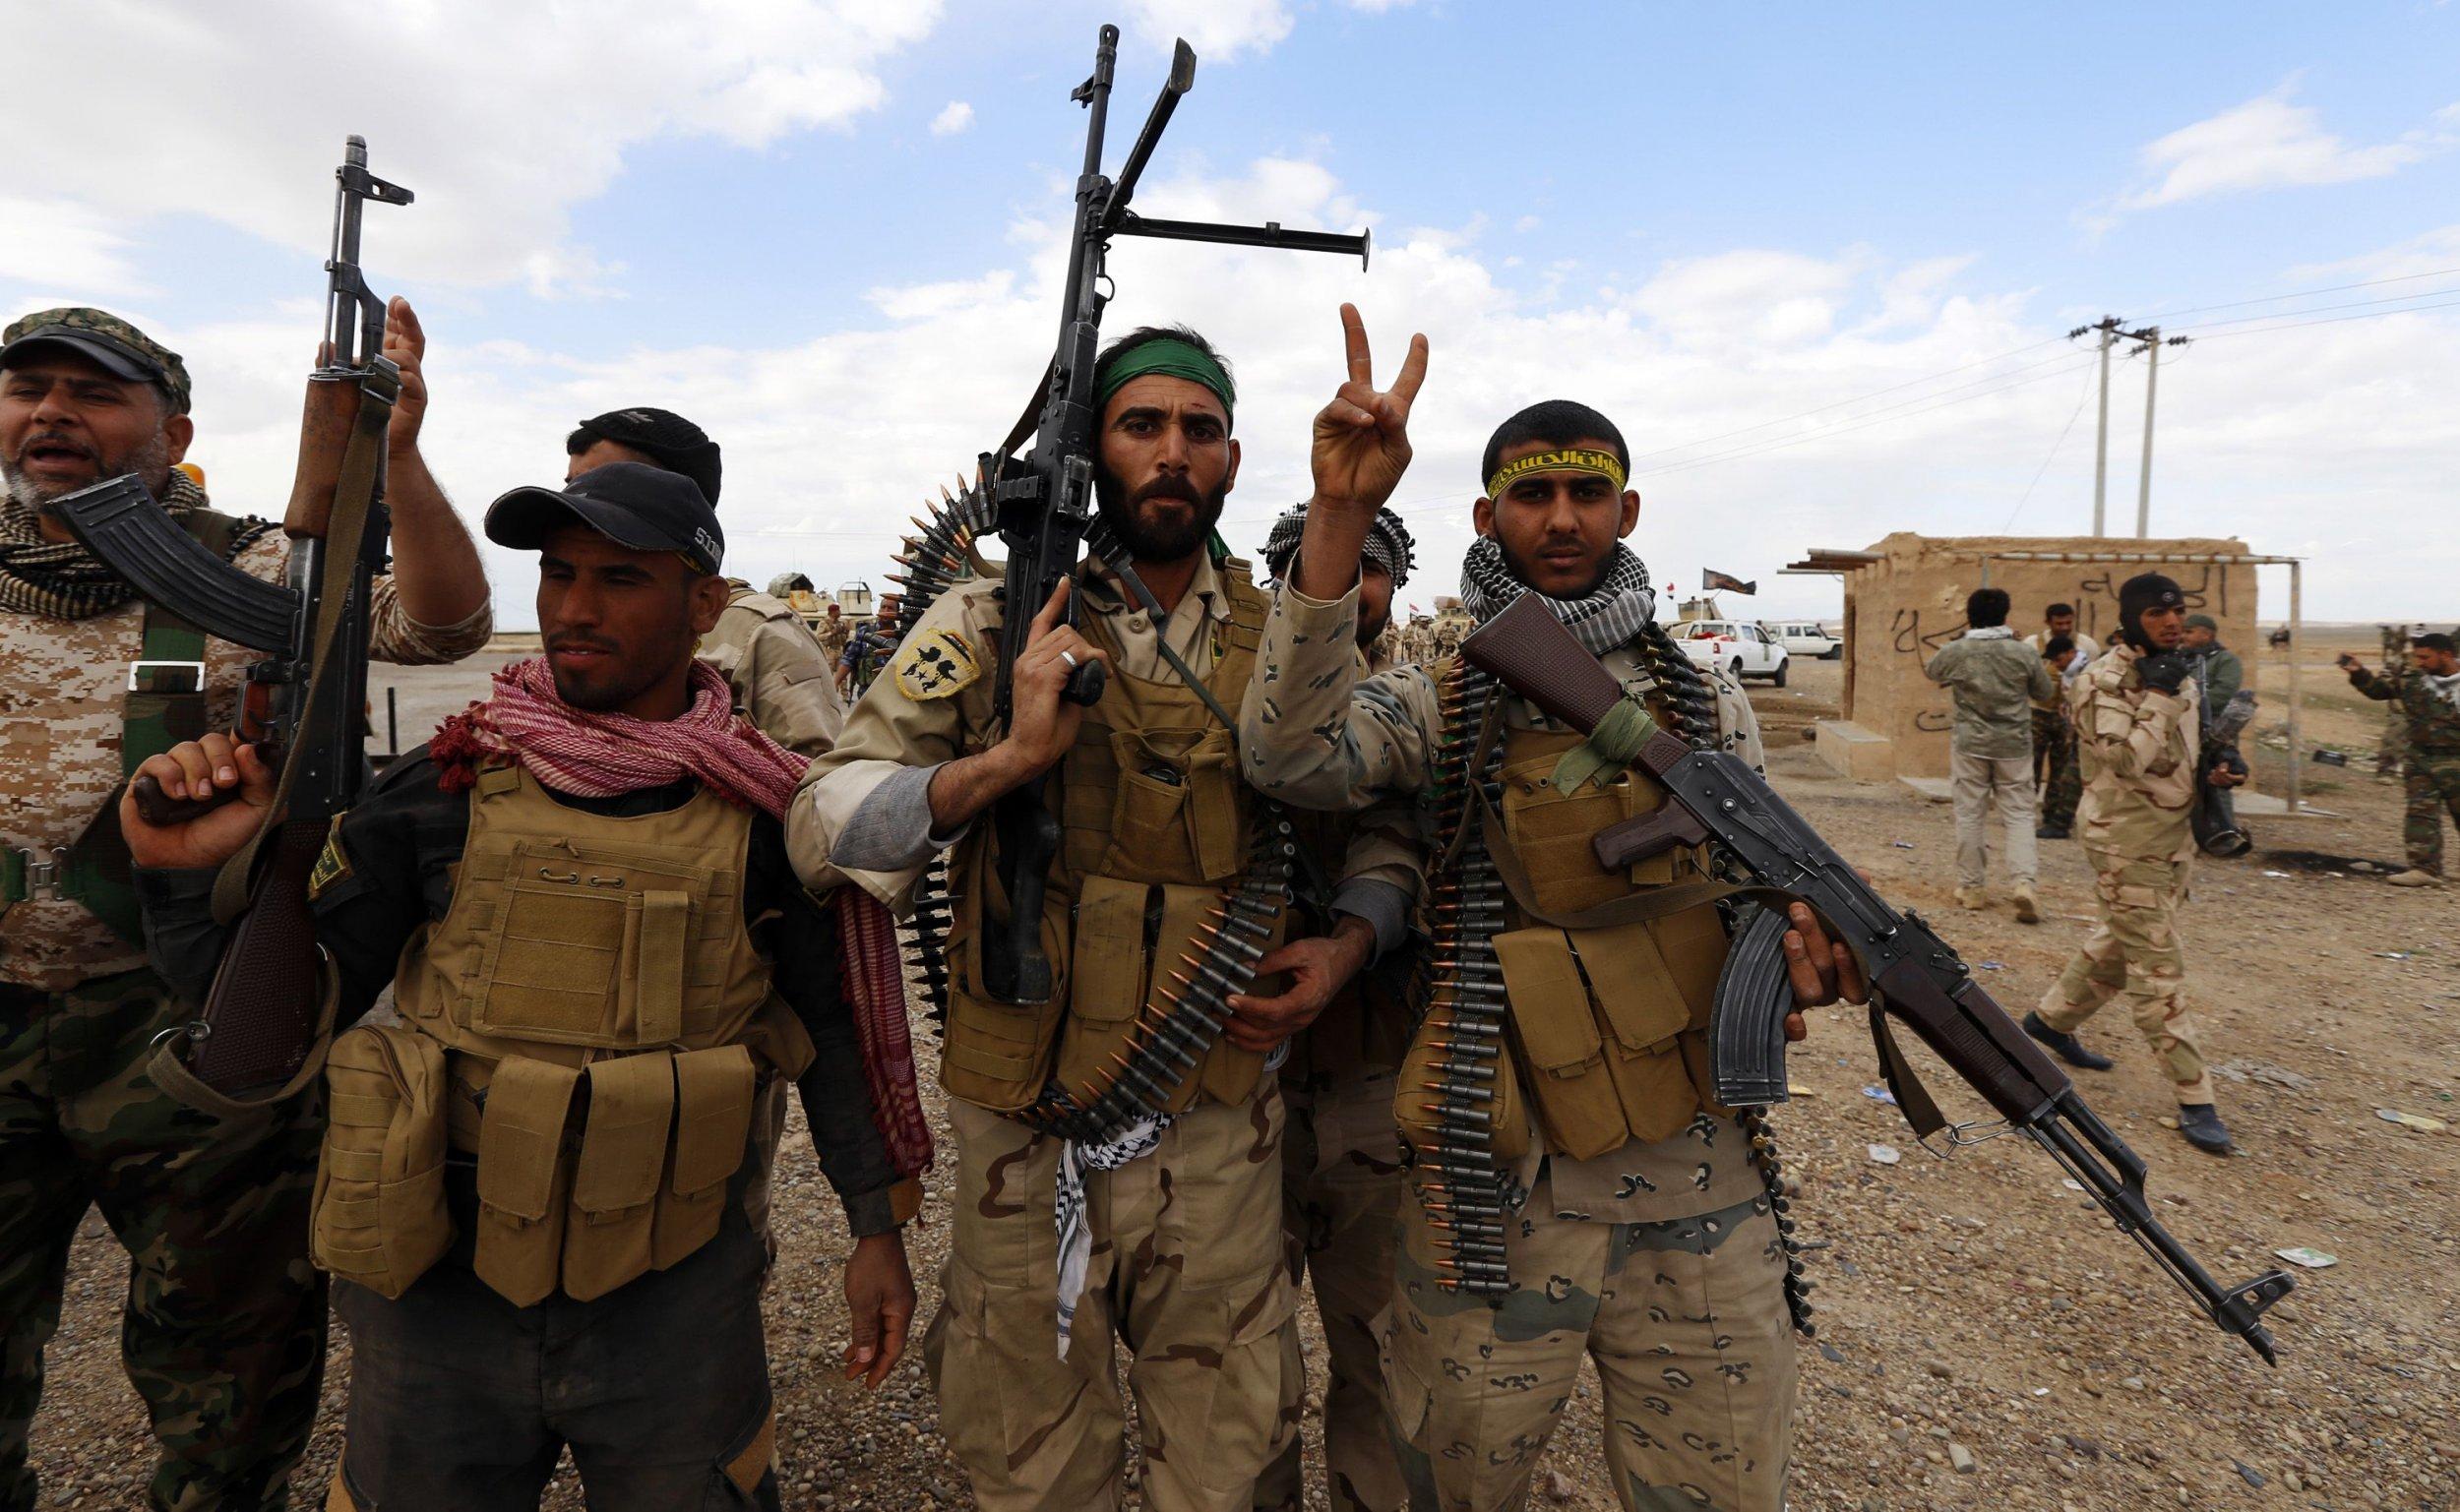 2015-03-04T174916Z_1825928457_GM1EB3501YF01_RTRMADP_3_MIDEAST-CRISIS-IRAQ-FRONT